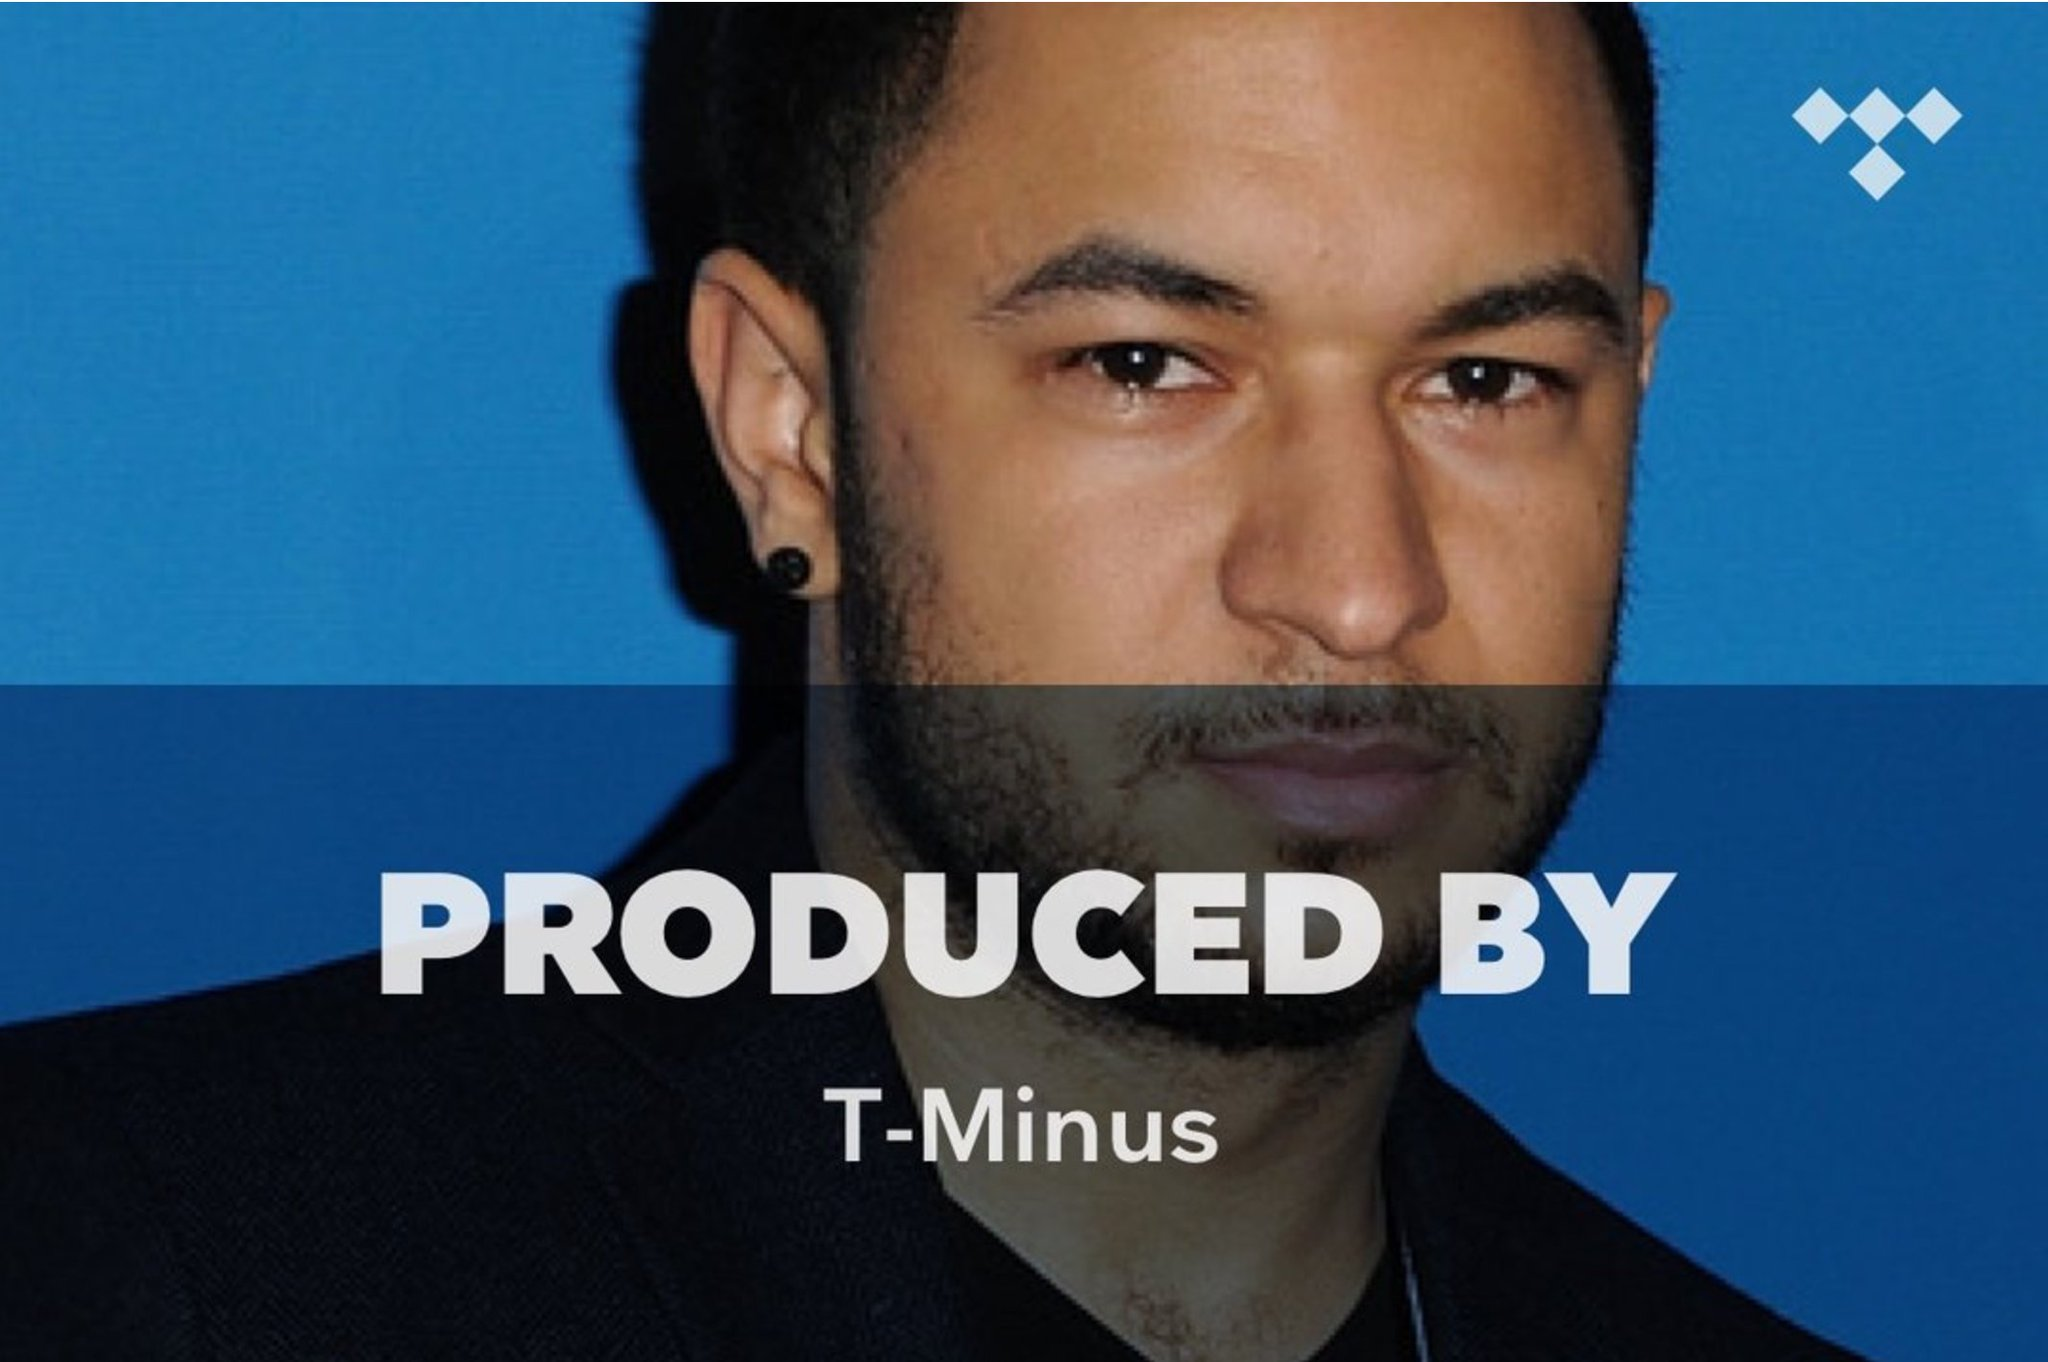 Produced By: T-Minus https://t.co/5Ws4Sh8XaE #TIDAL https://t.co/yeiIkTwVGQ